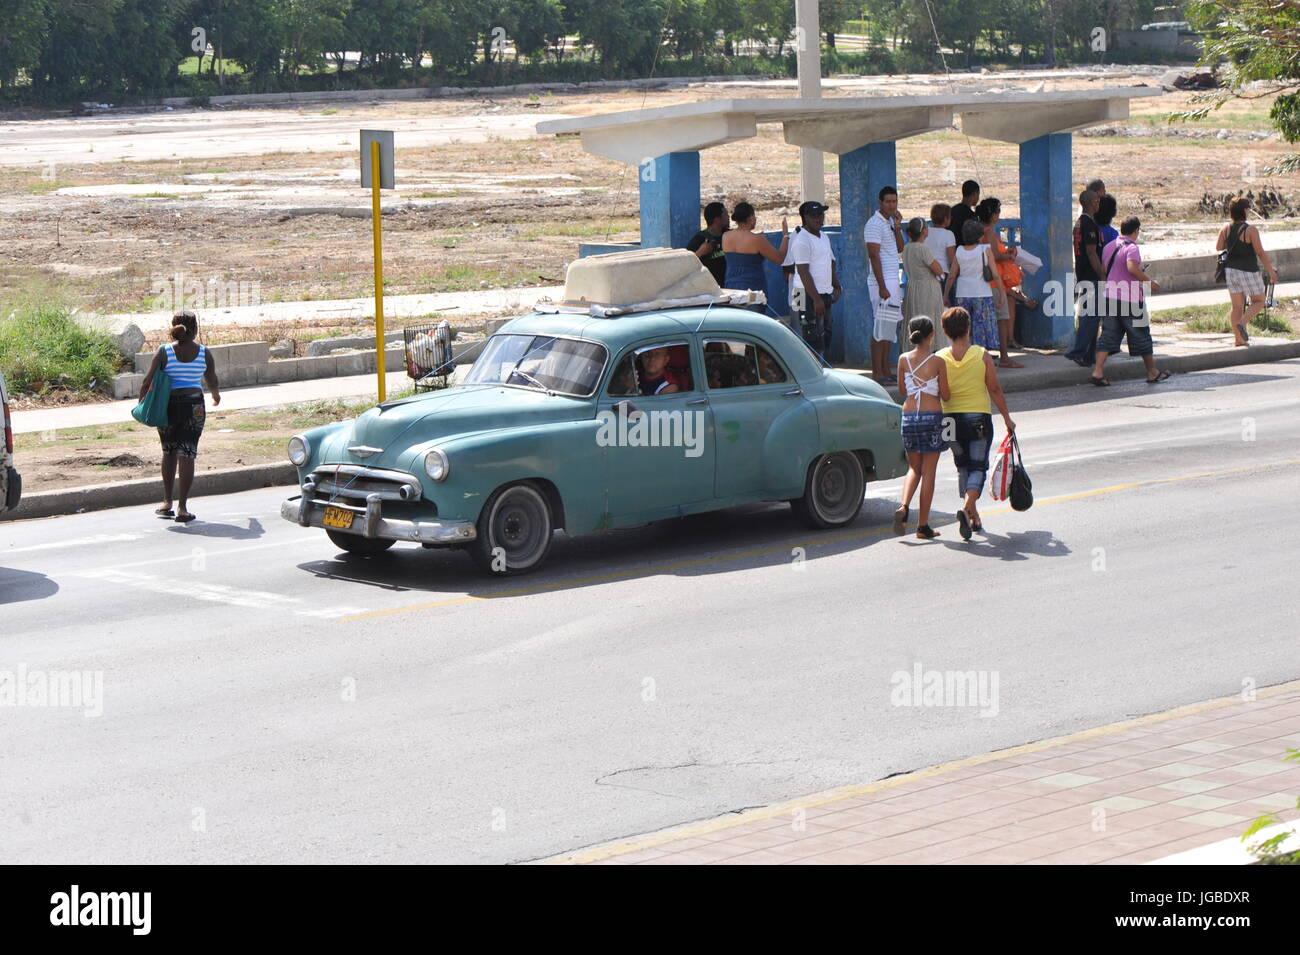 Los cubanos local espere en la parada del autobús para ir a trabajar como azul clásico americano por unidades Imagen De Stock